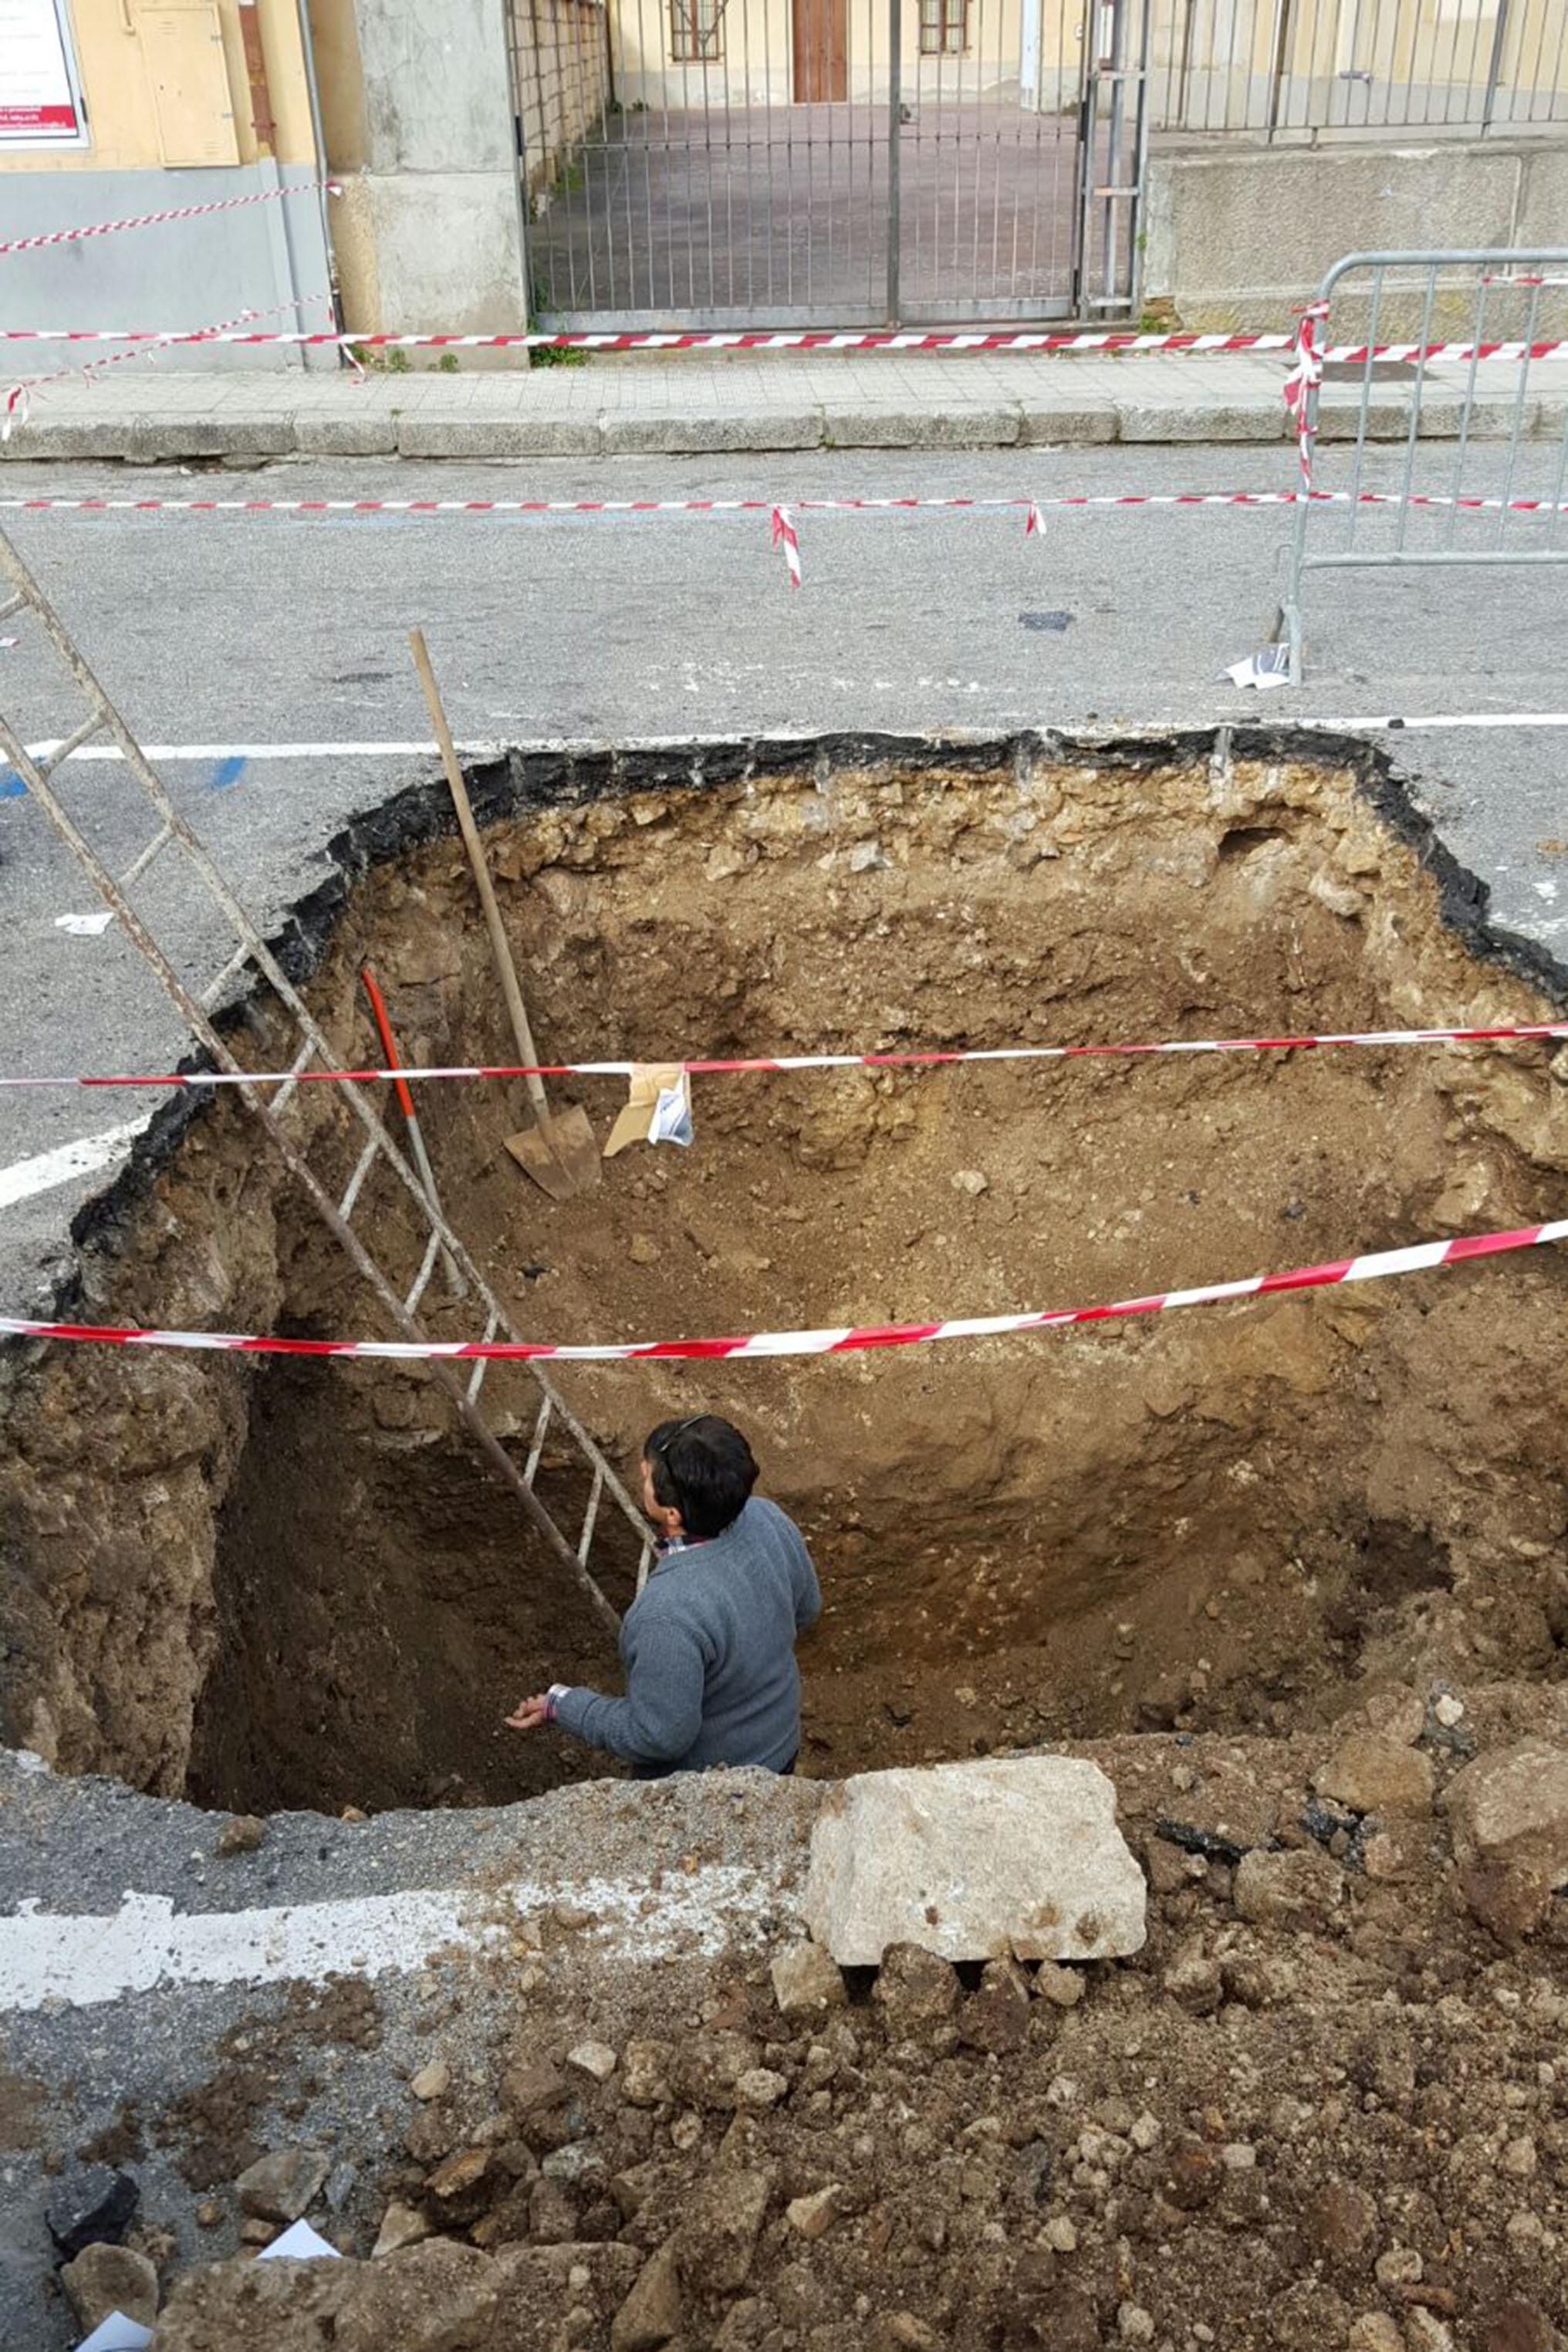 Antica cripta emerge nel centro di ViboScoperta archeologica durante alcuni lavori